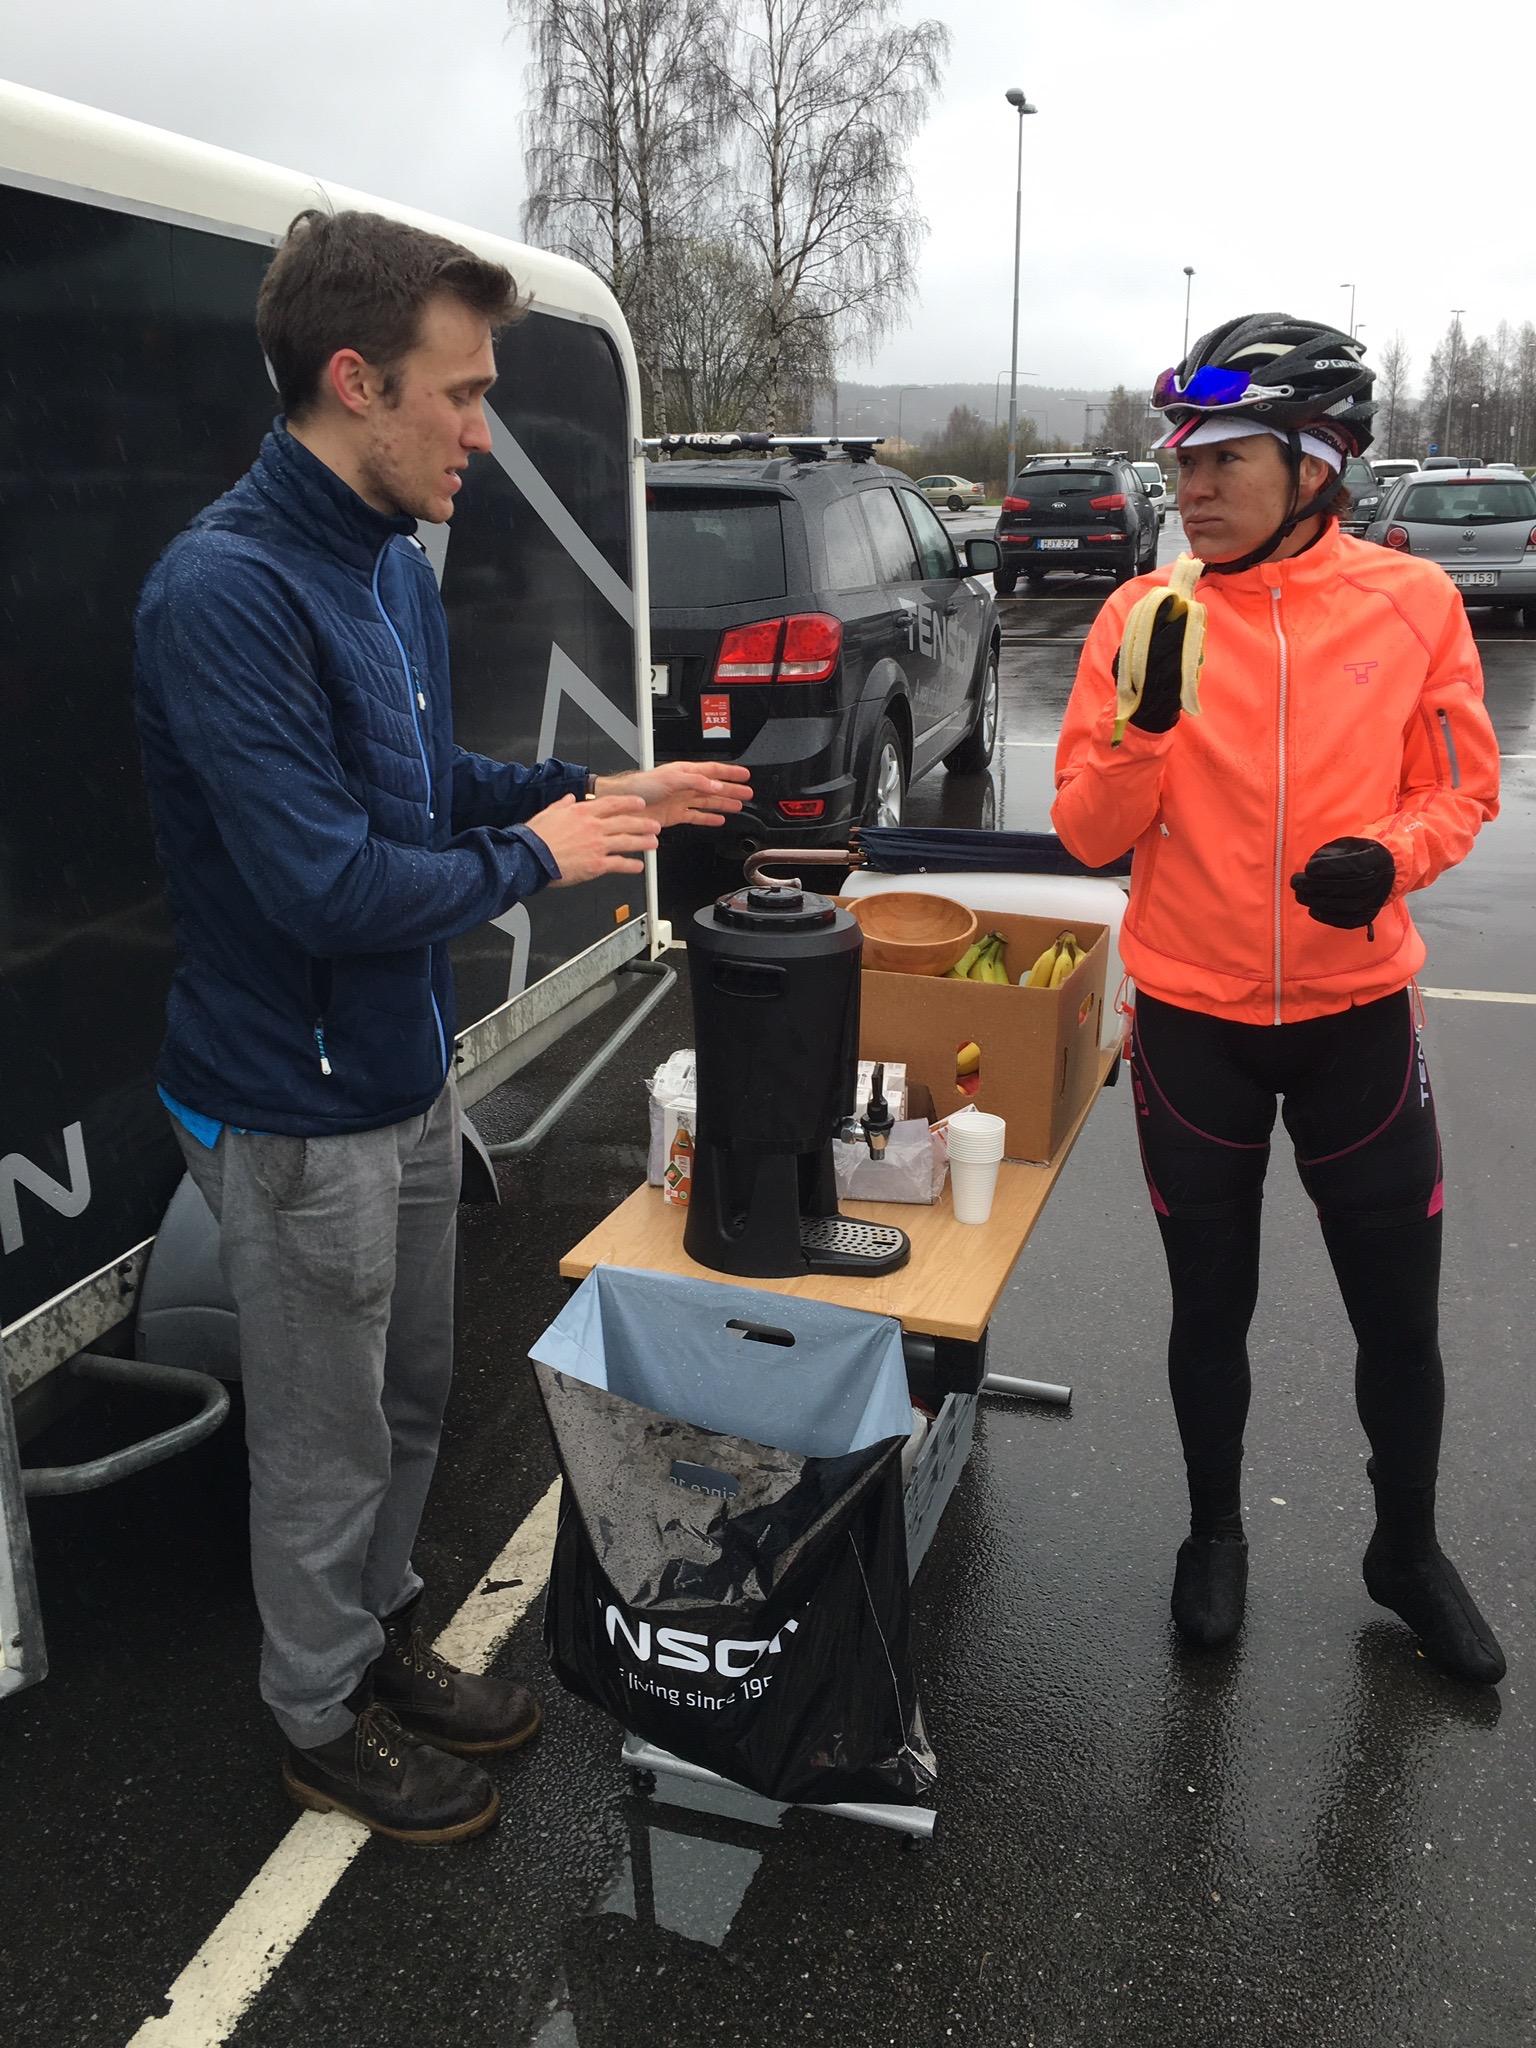 cykling-frusen-kaffe-edh